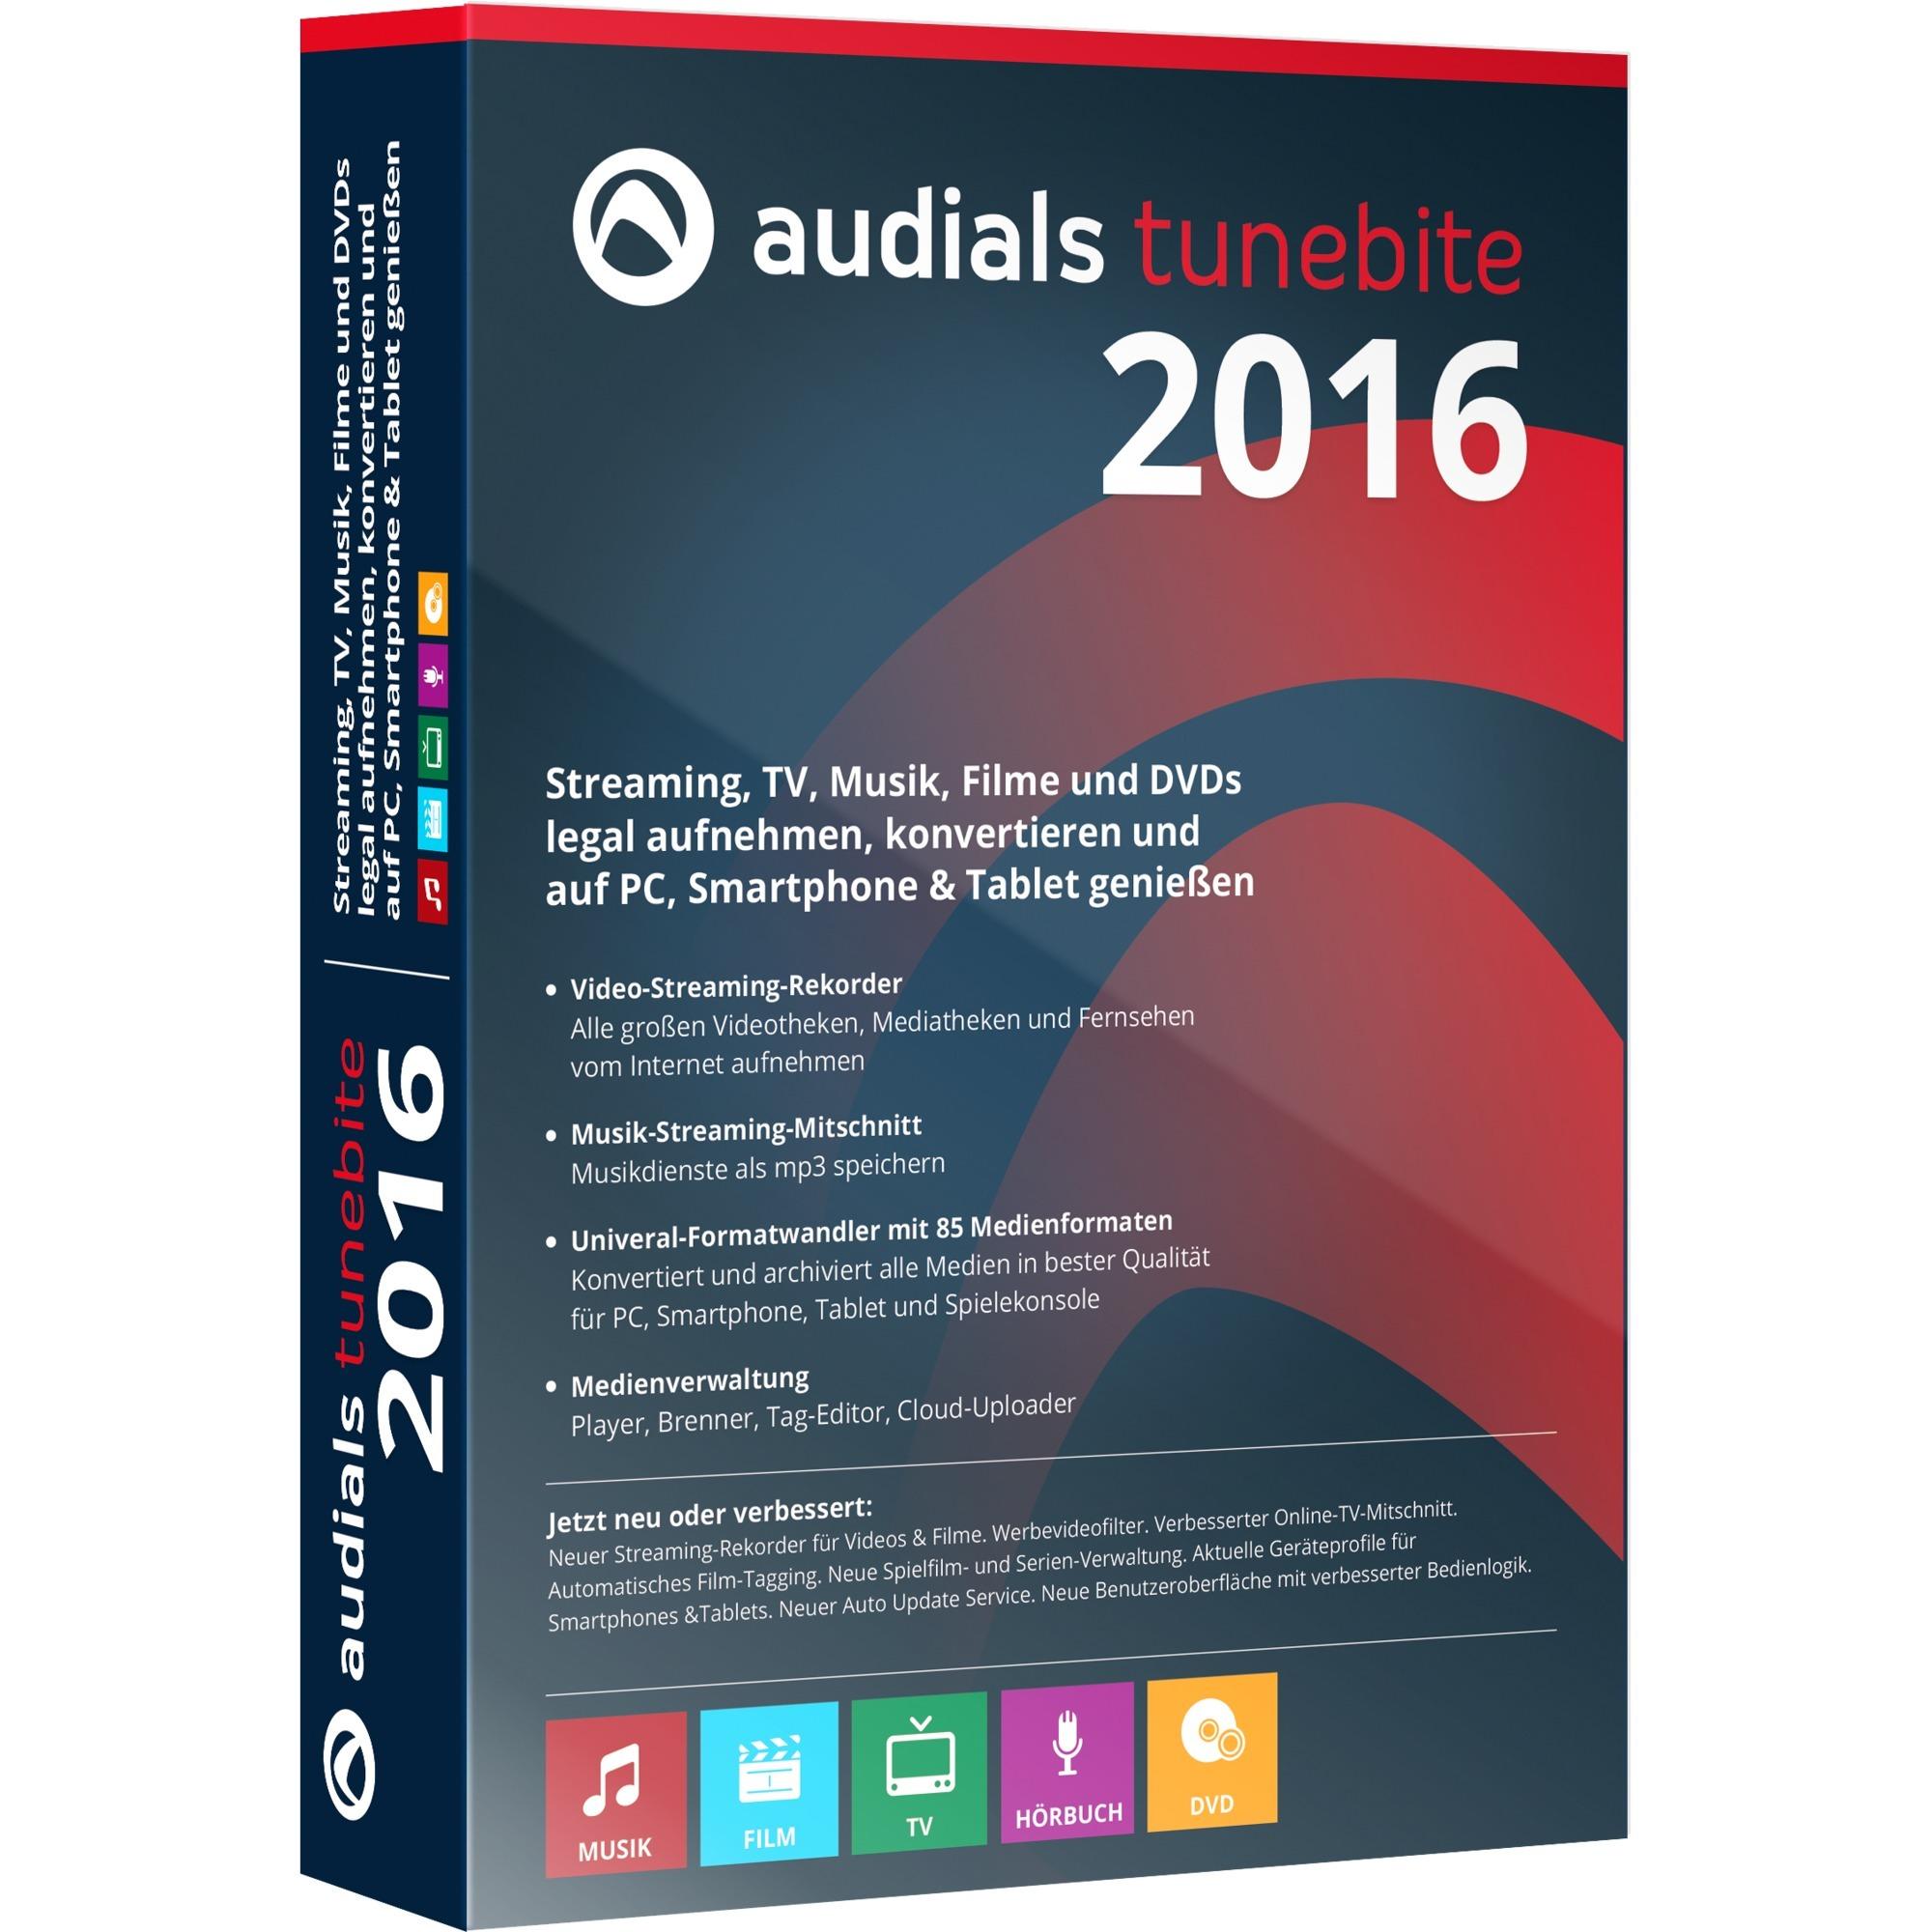 audials-tunebite-2016-platinum-software